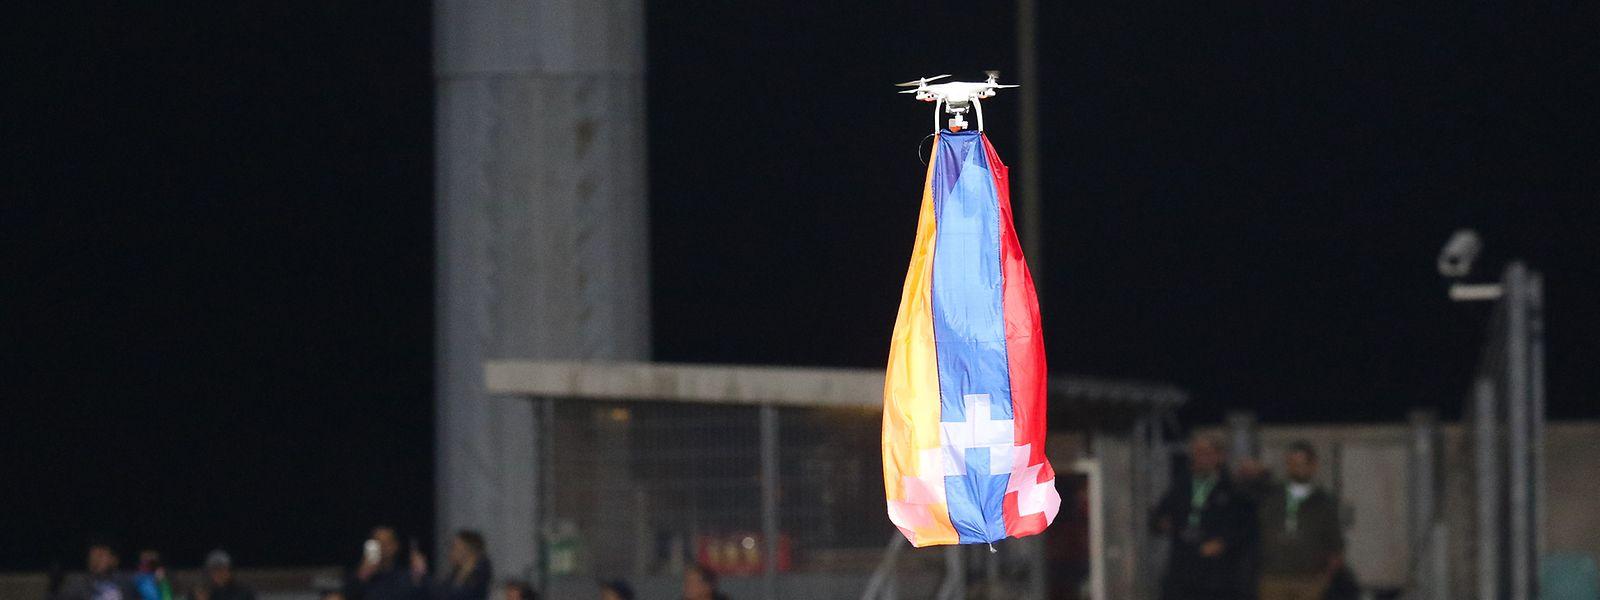 Die Drohne mit der Fahne der Republik Bergkarabach sorgte für Ausschreitungen.